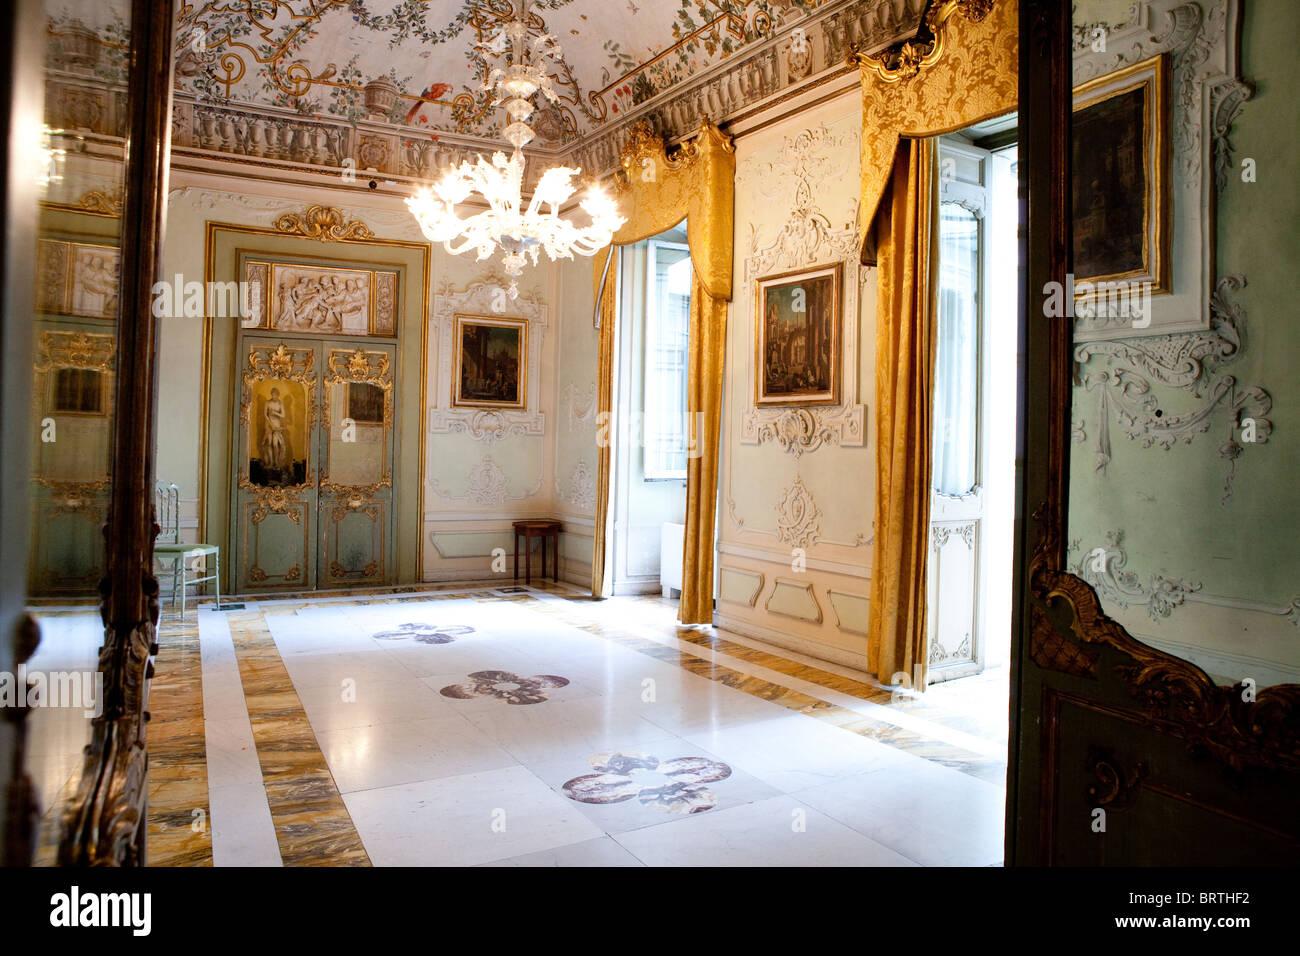 rondinini palace palace interior italian decorating furnishing rome